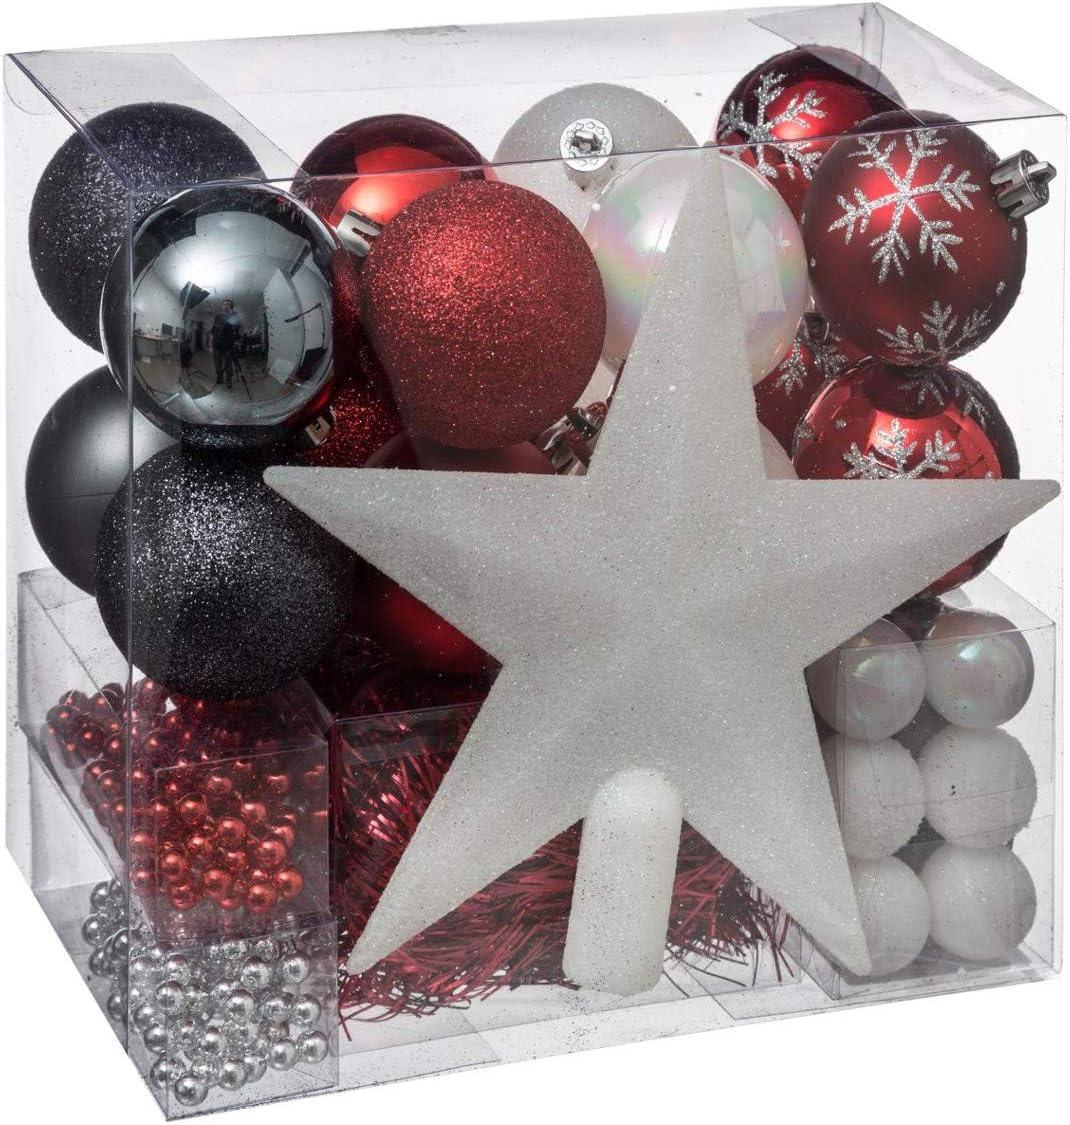 FEERIC LIGHTS & CHRISTMAS Lote decoración de Navidad - Kit 44 piezas para la decoración del árbol: Guirnaldas, Bolas y Estrella - Color Blanco y Dorado: Amazon.es: Hogar